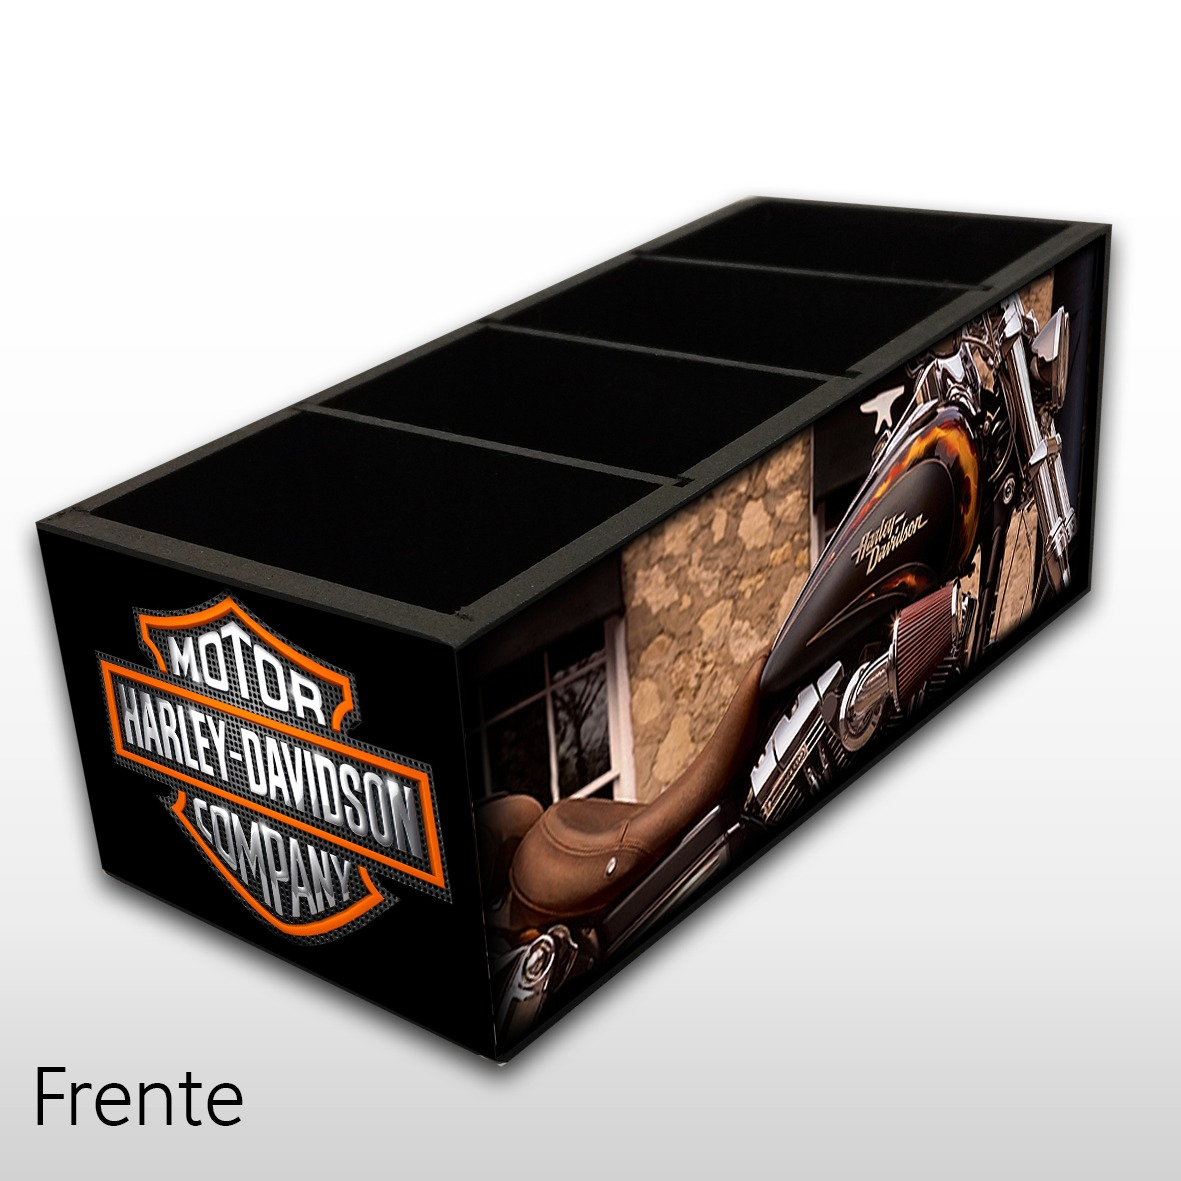 Porta Controle Remoto em Madeira MDF com 4 Espaços Harley Davidson - Mr. Rock